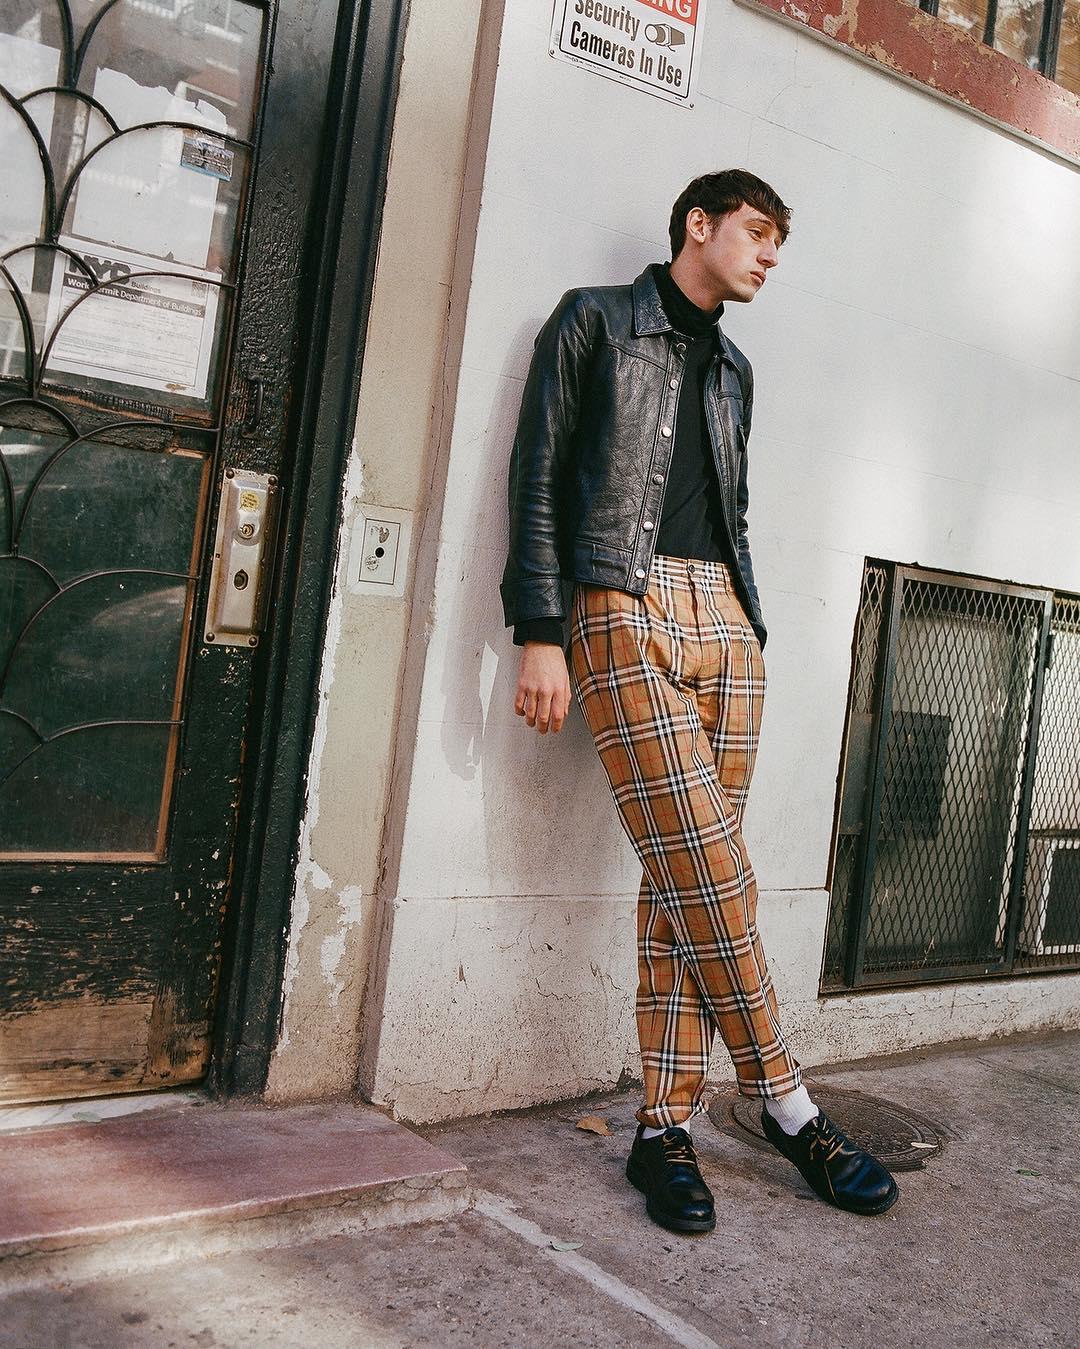 Eric Jess tiếp tục góp mặt vào top thời trang sao nam ấn tượng tuần này với vẻ ngoài cuốn hút. Ảnh: Instagram @ericjess